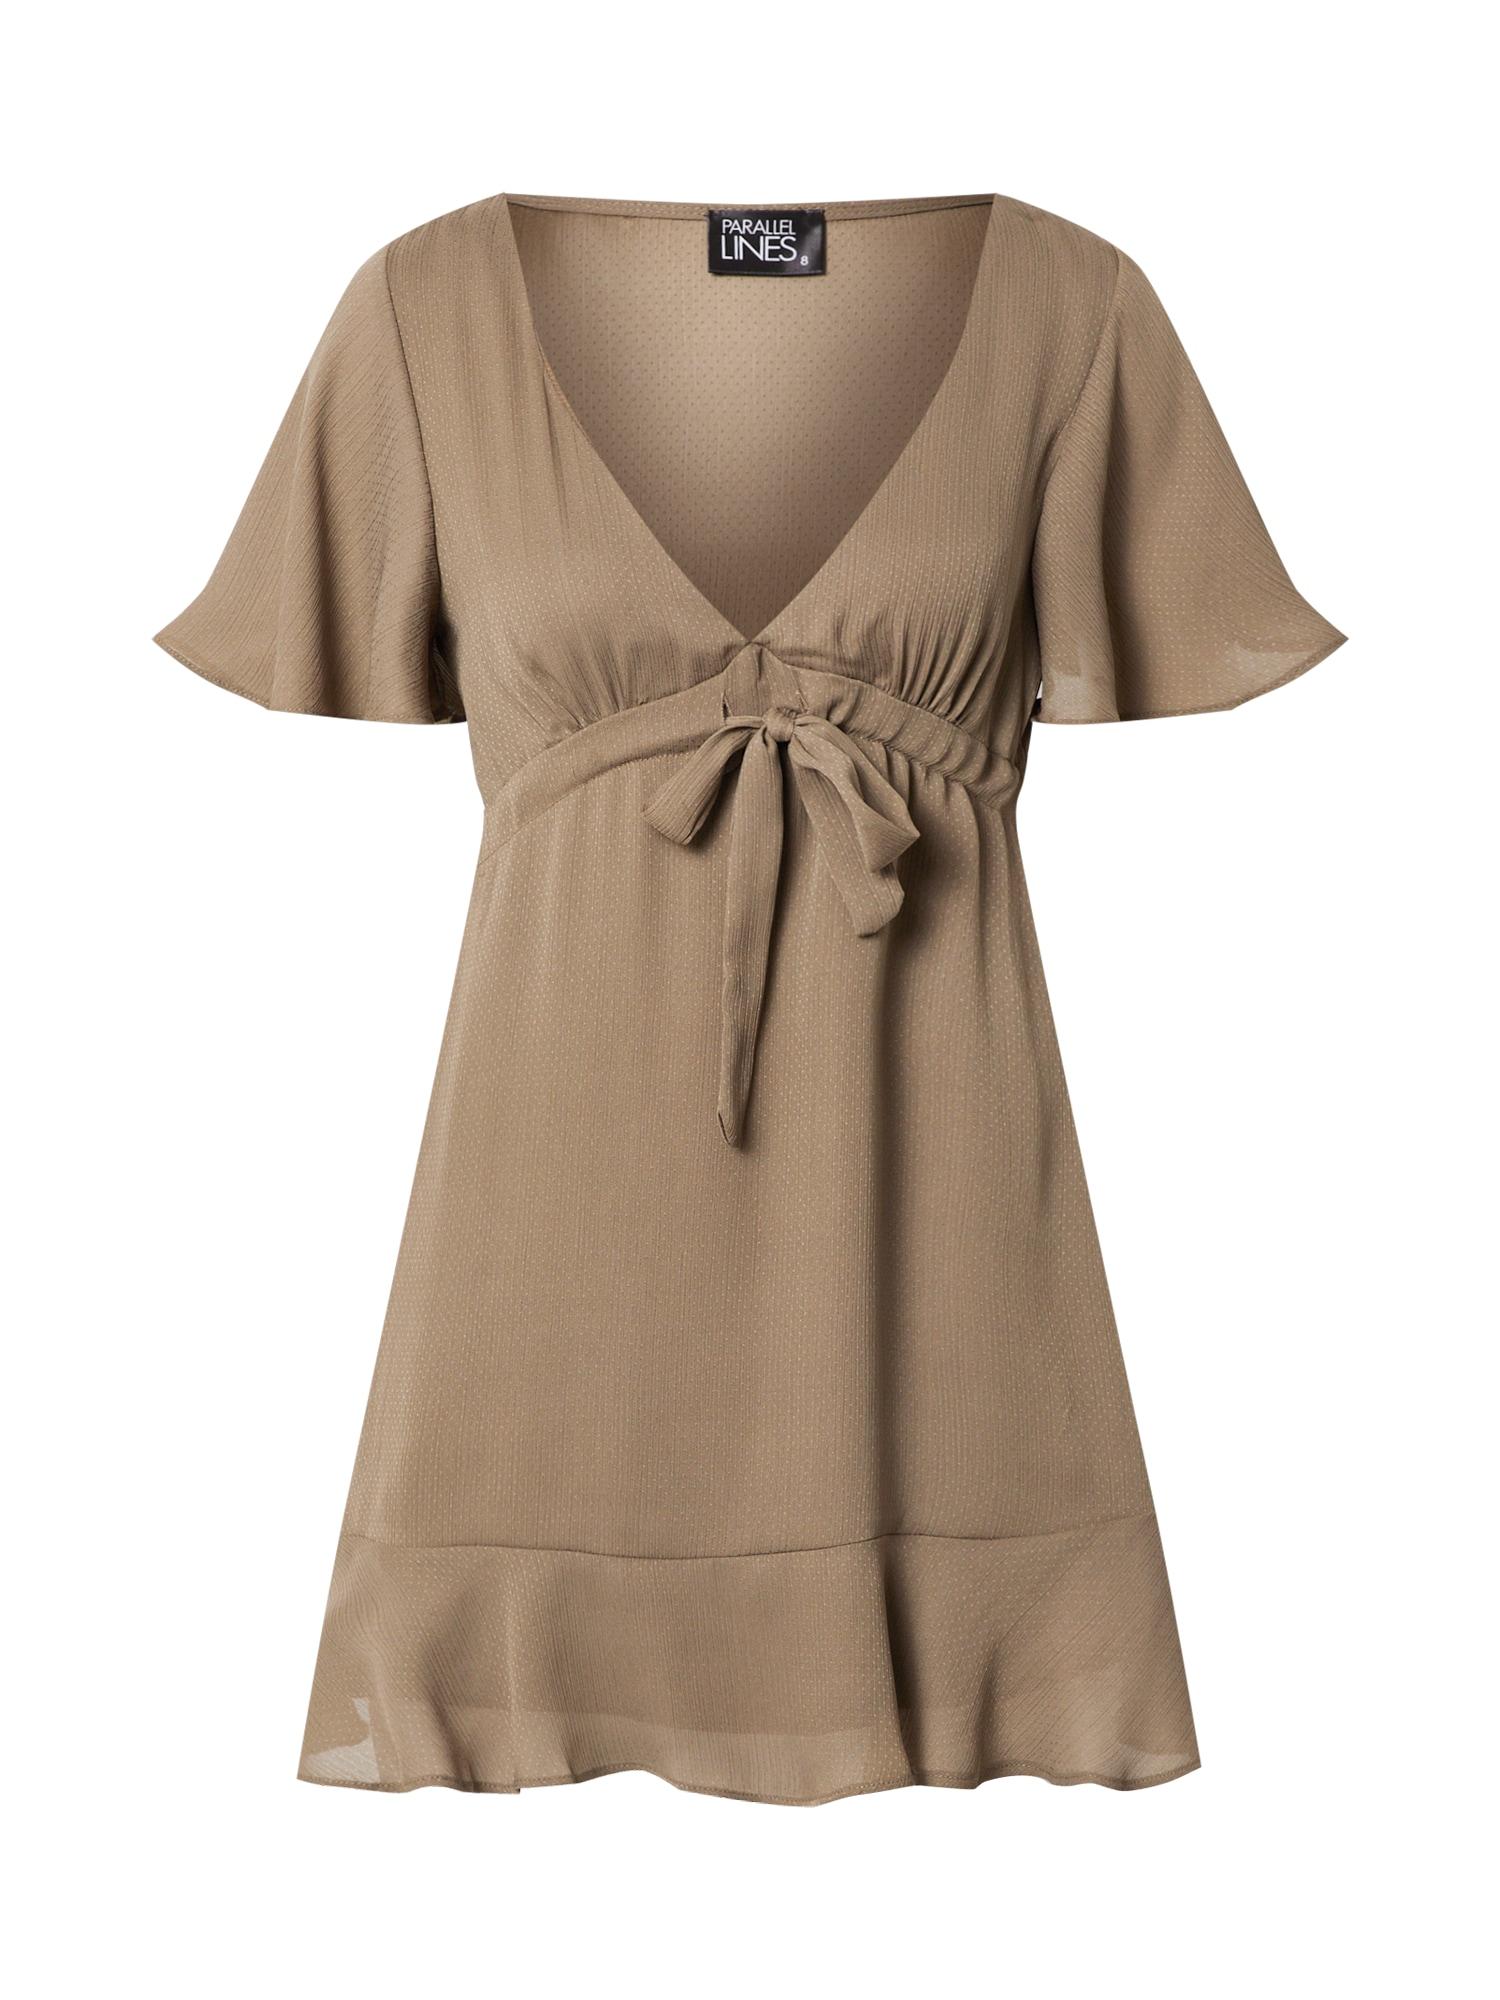 Parallel Lines Vasarinė suknelė alyvuogių spalva